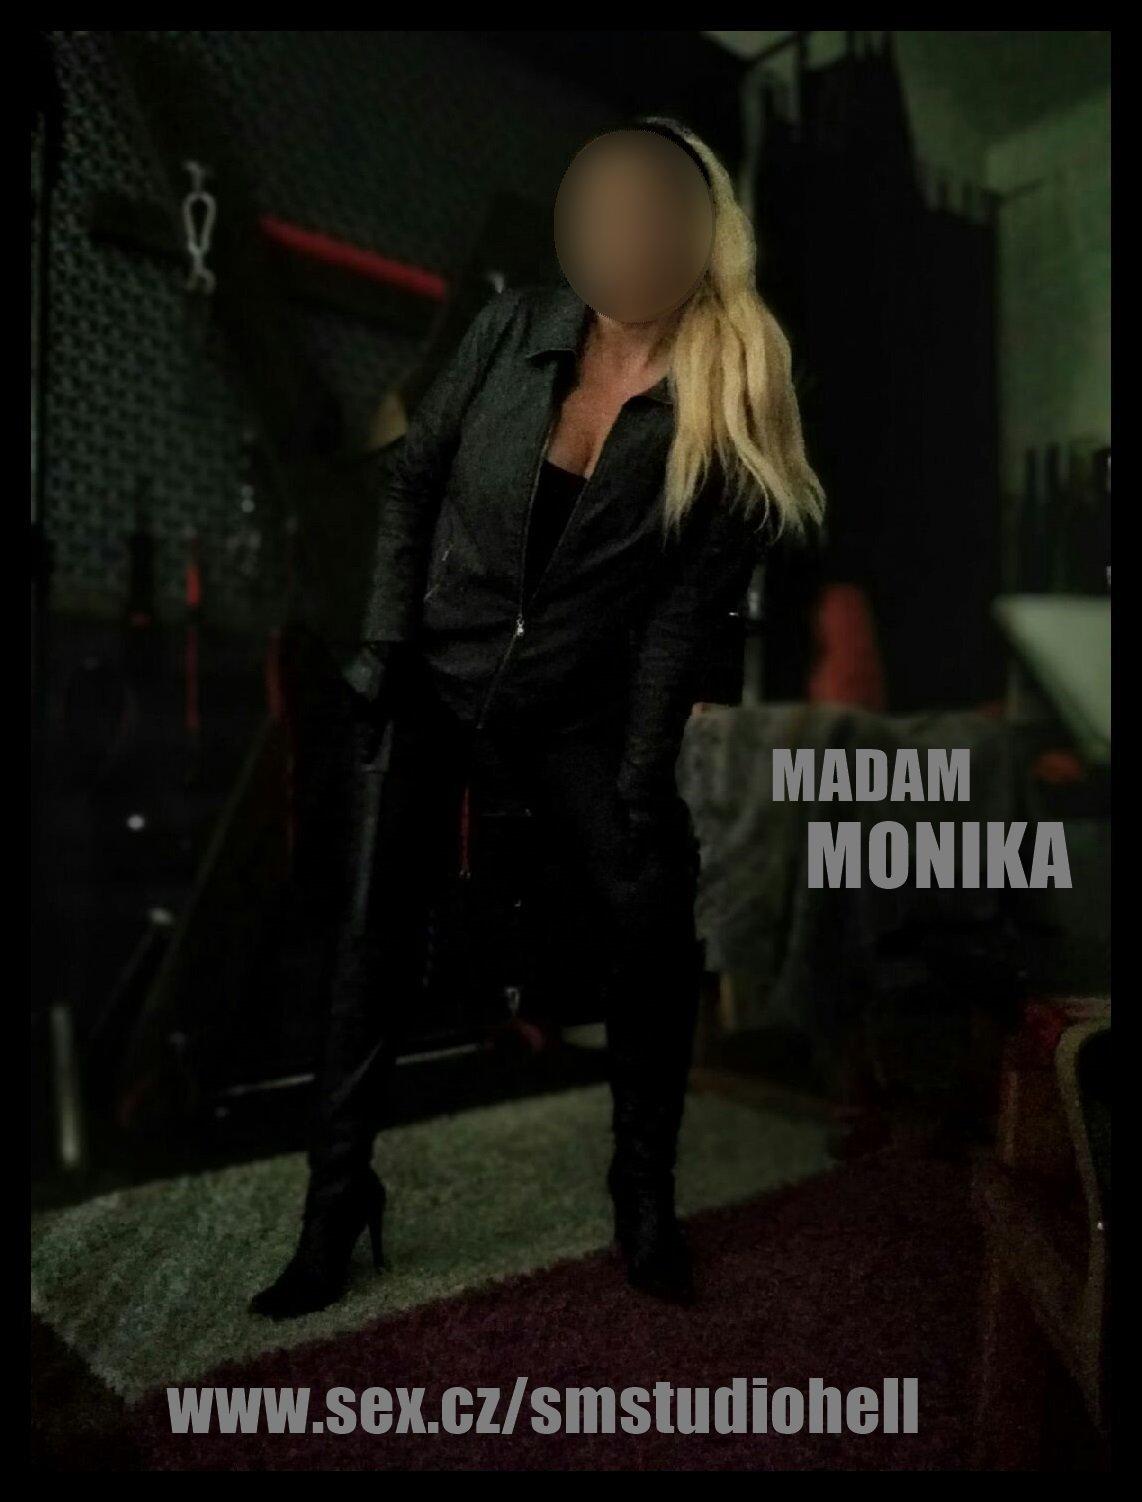 MADAM MONIKA